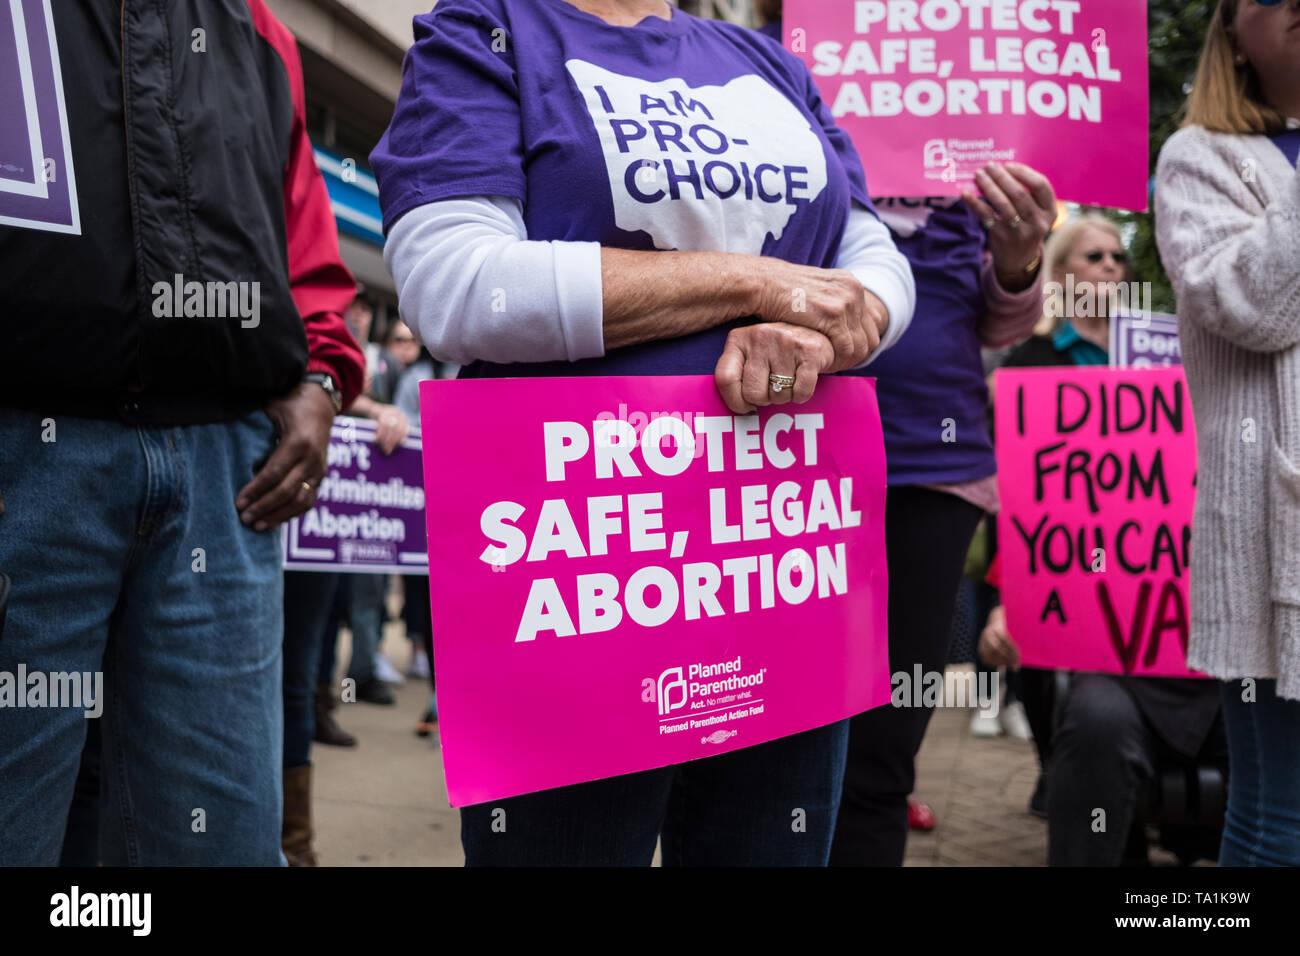 Un activista visto sosteniendo un cartel que dice proteger la caja fuerte, el aborto legal durante la protesta. Aborto por activistas de los derechos humanos tomó parte en detener las prohibiciones nacionales de rally después de múltiples estados pasar facturas el latido del corazón del feto. Foto de stock